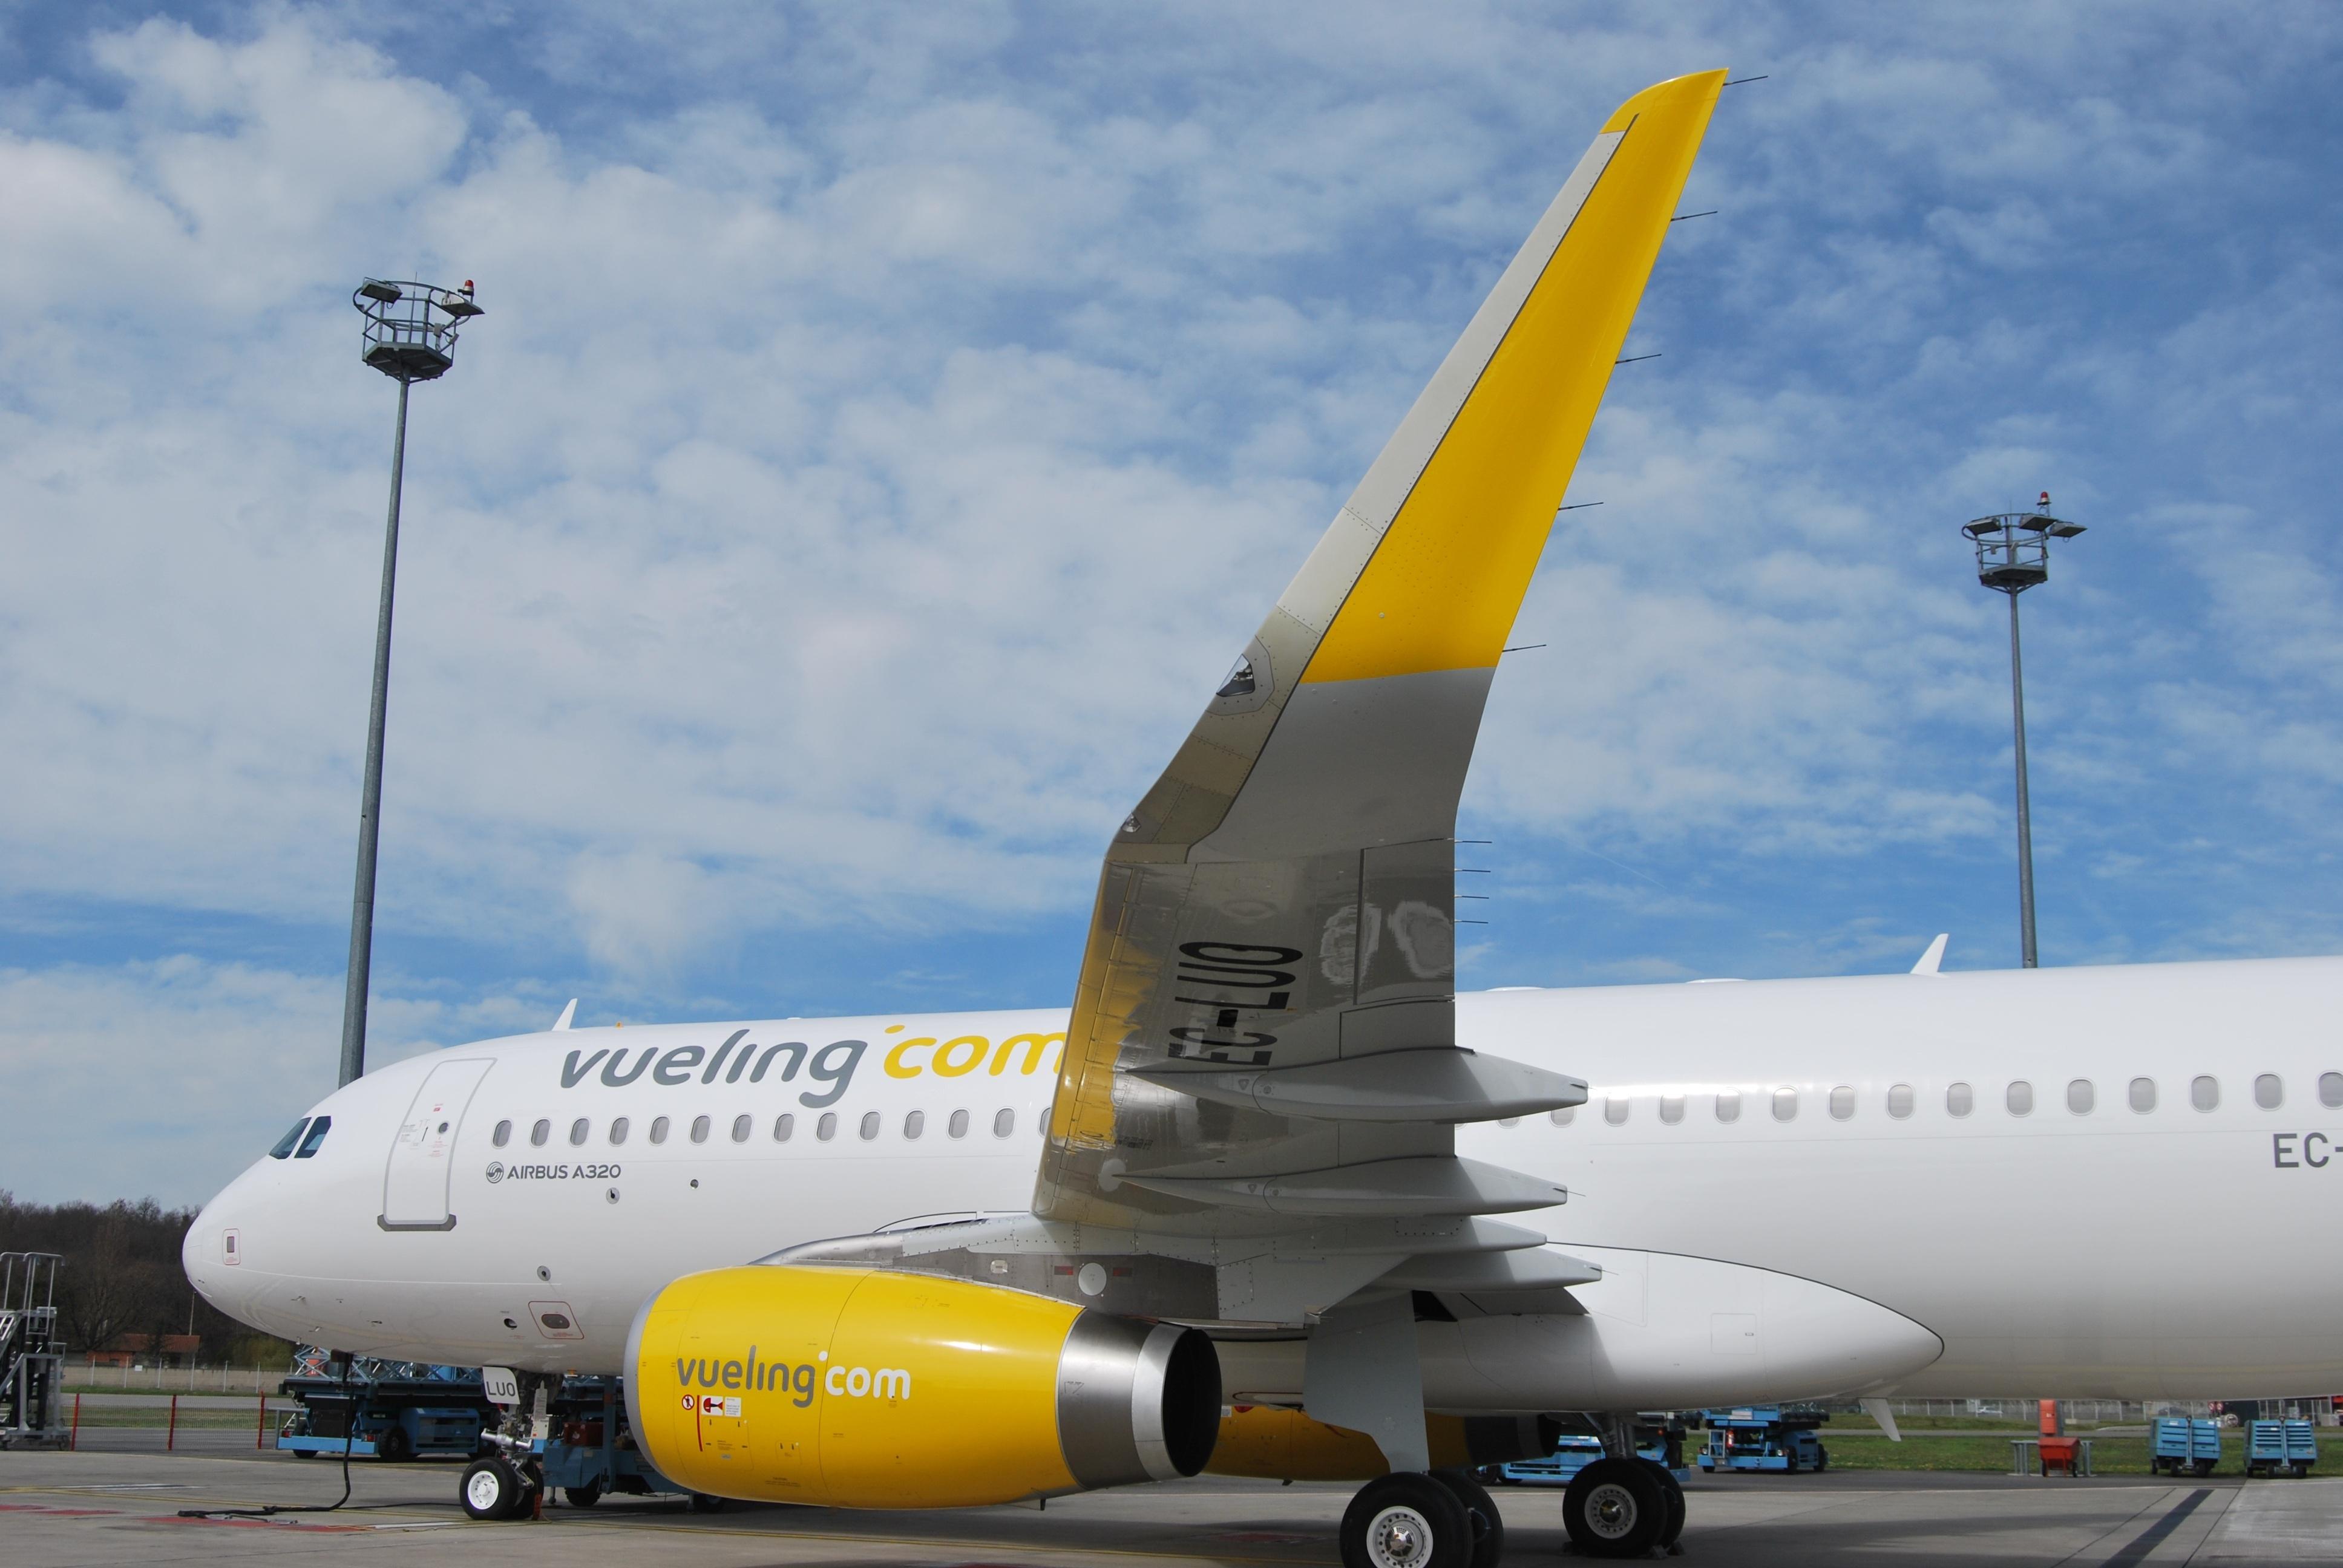 Vueling abrirá 24 nuevas rutas desde Roma en 2014 y la conectará con 33 destinos directos